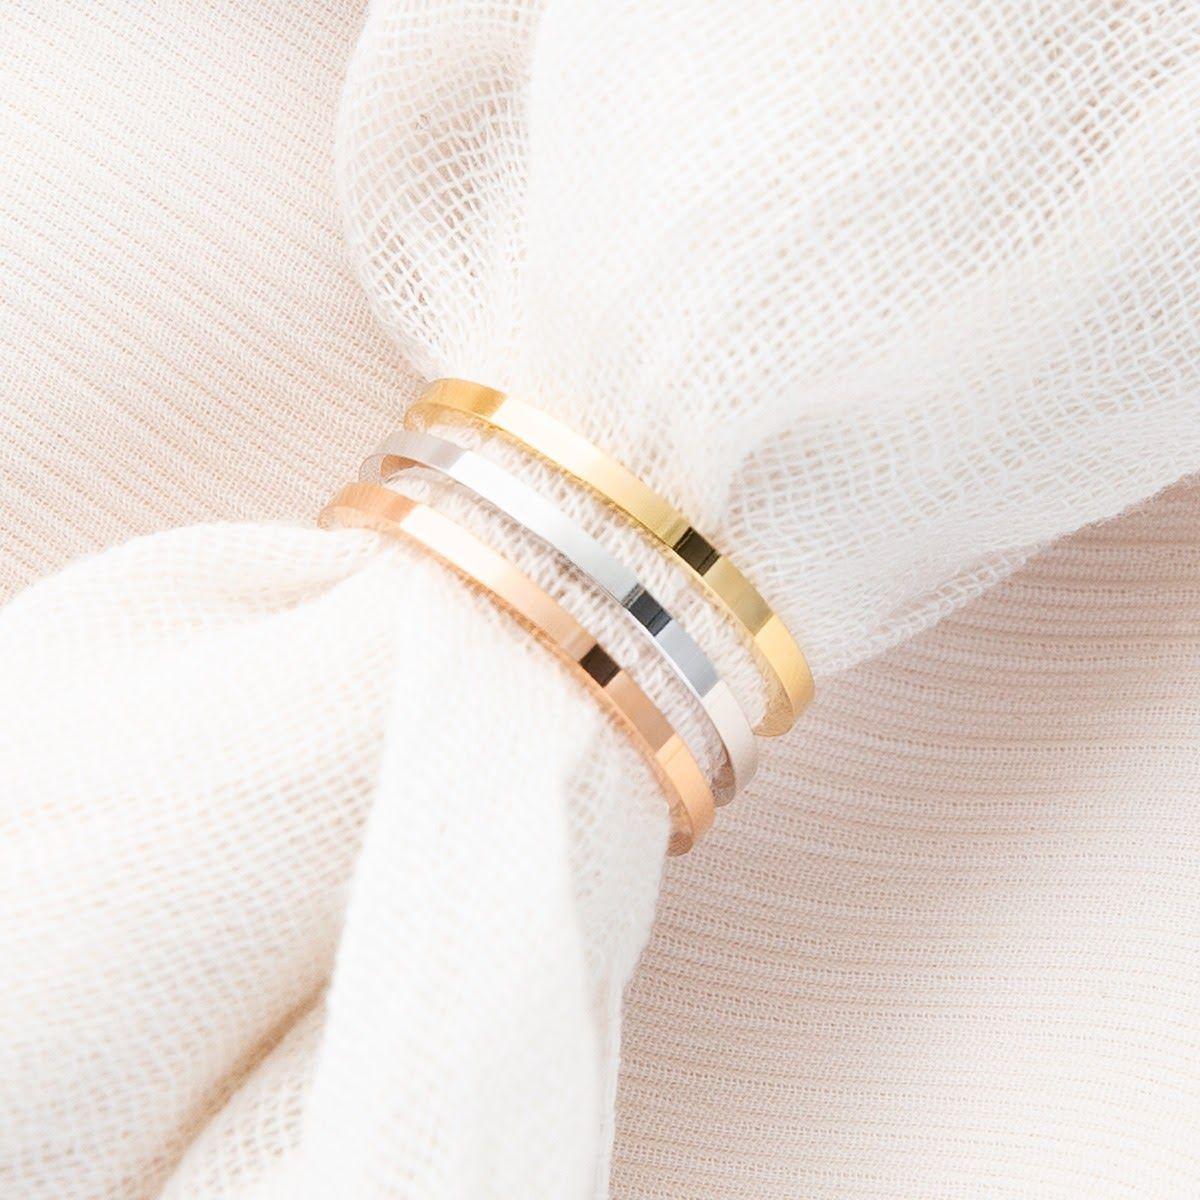 anillos de compromiso 2021